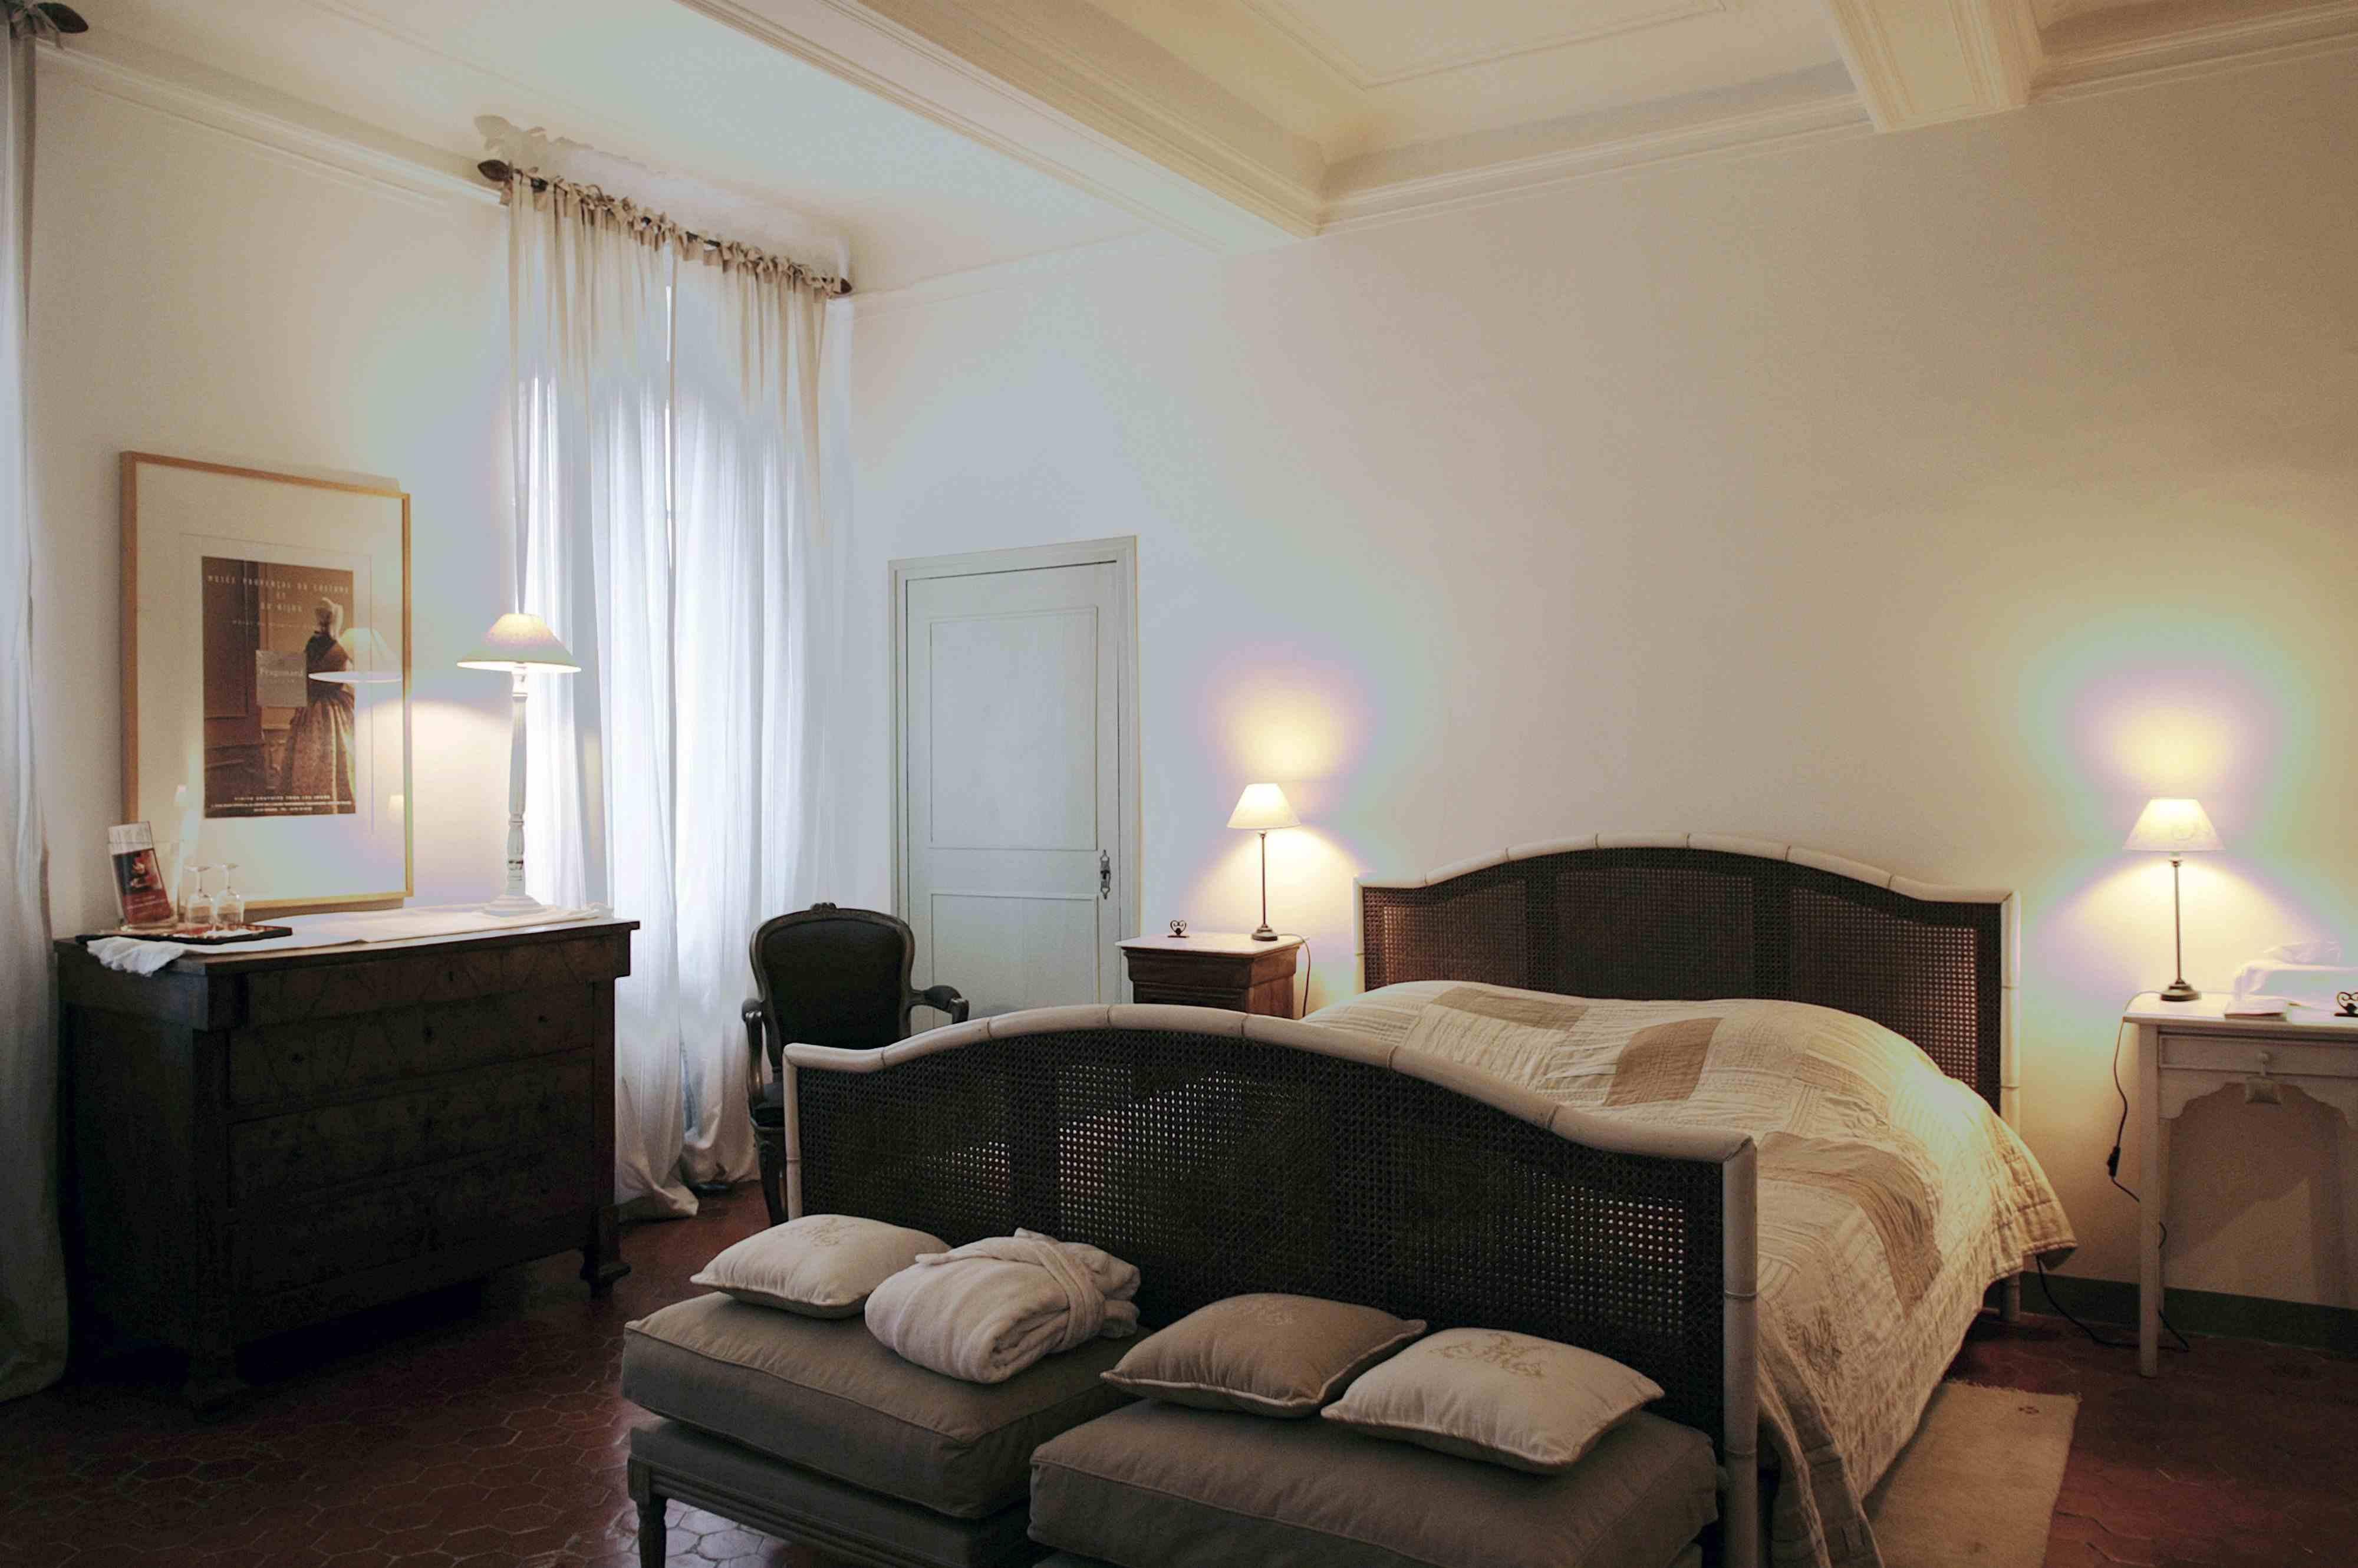 Villa De Lorgues Chambre D'Hote De Charme. Jardin Et Spa concernant Chambre D Hote Merlimont